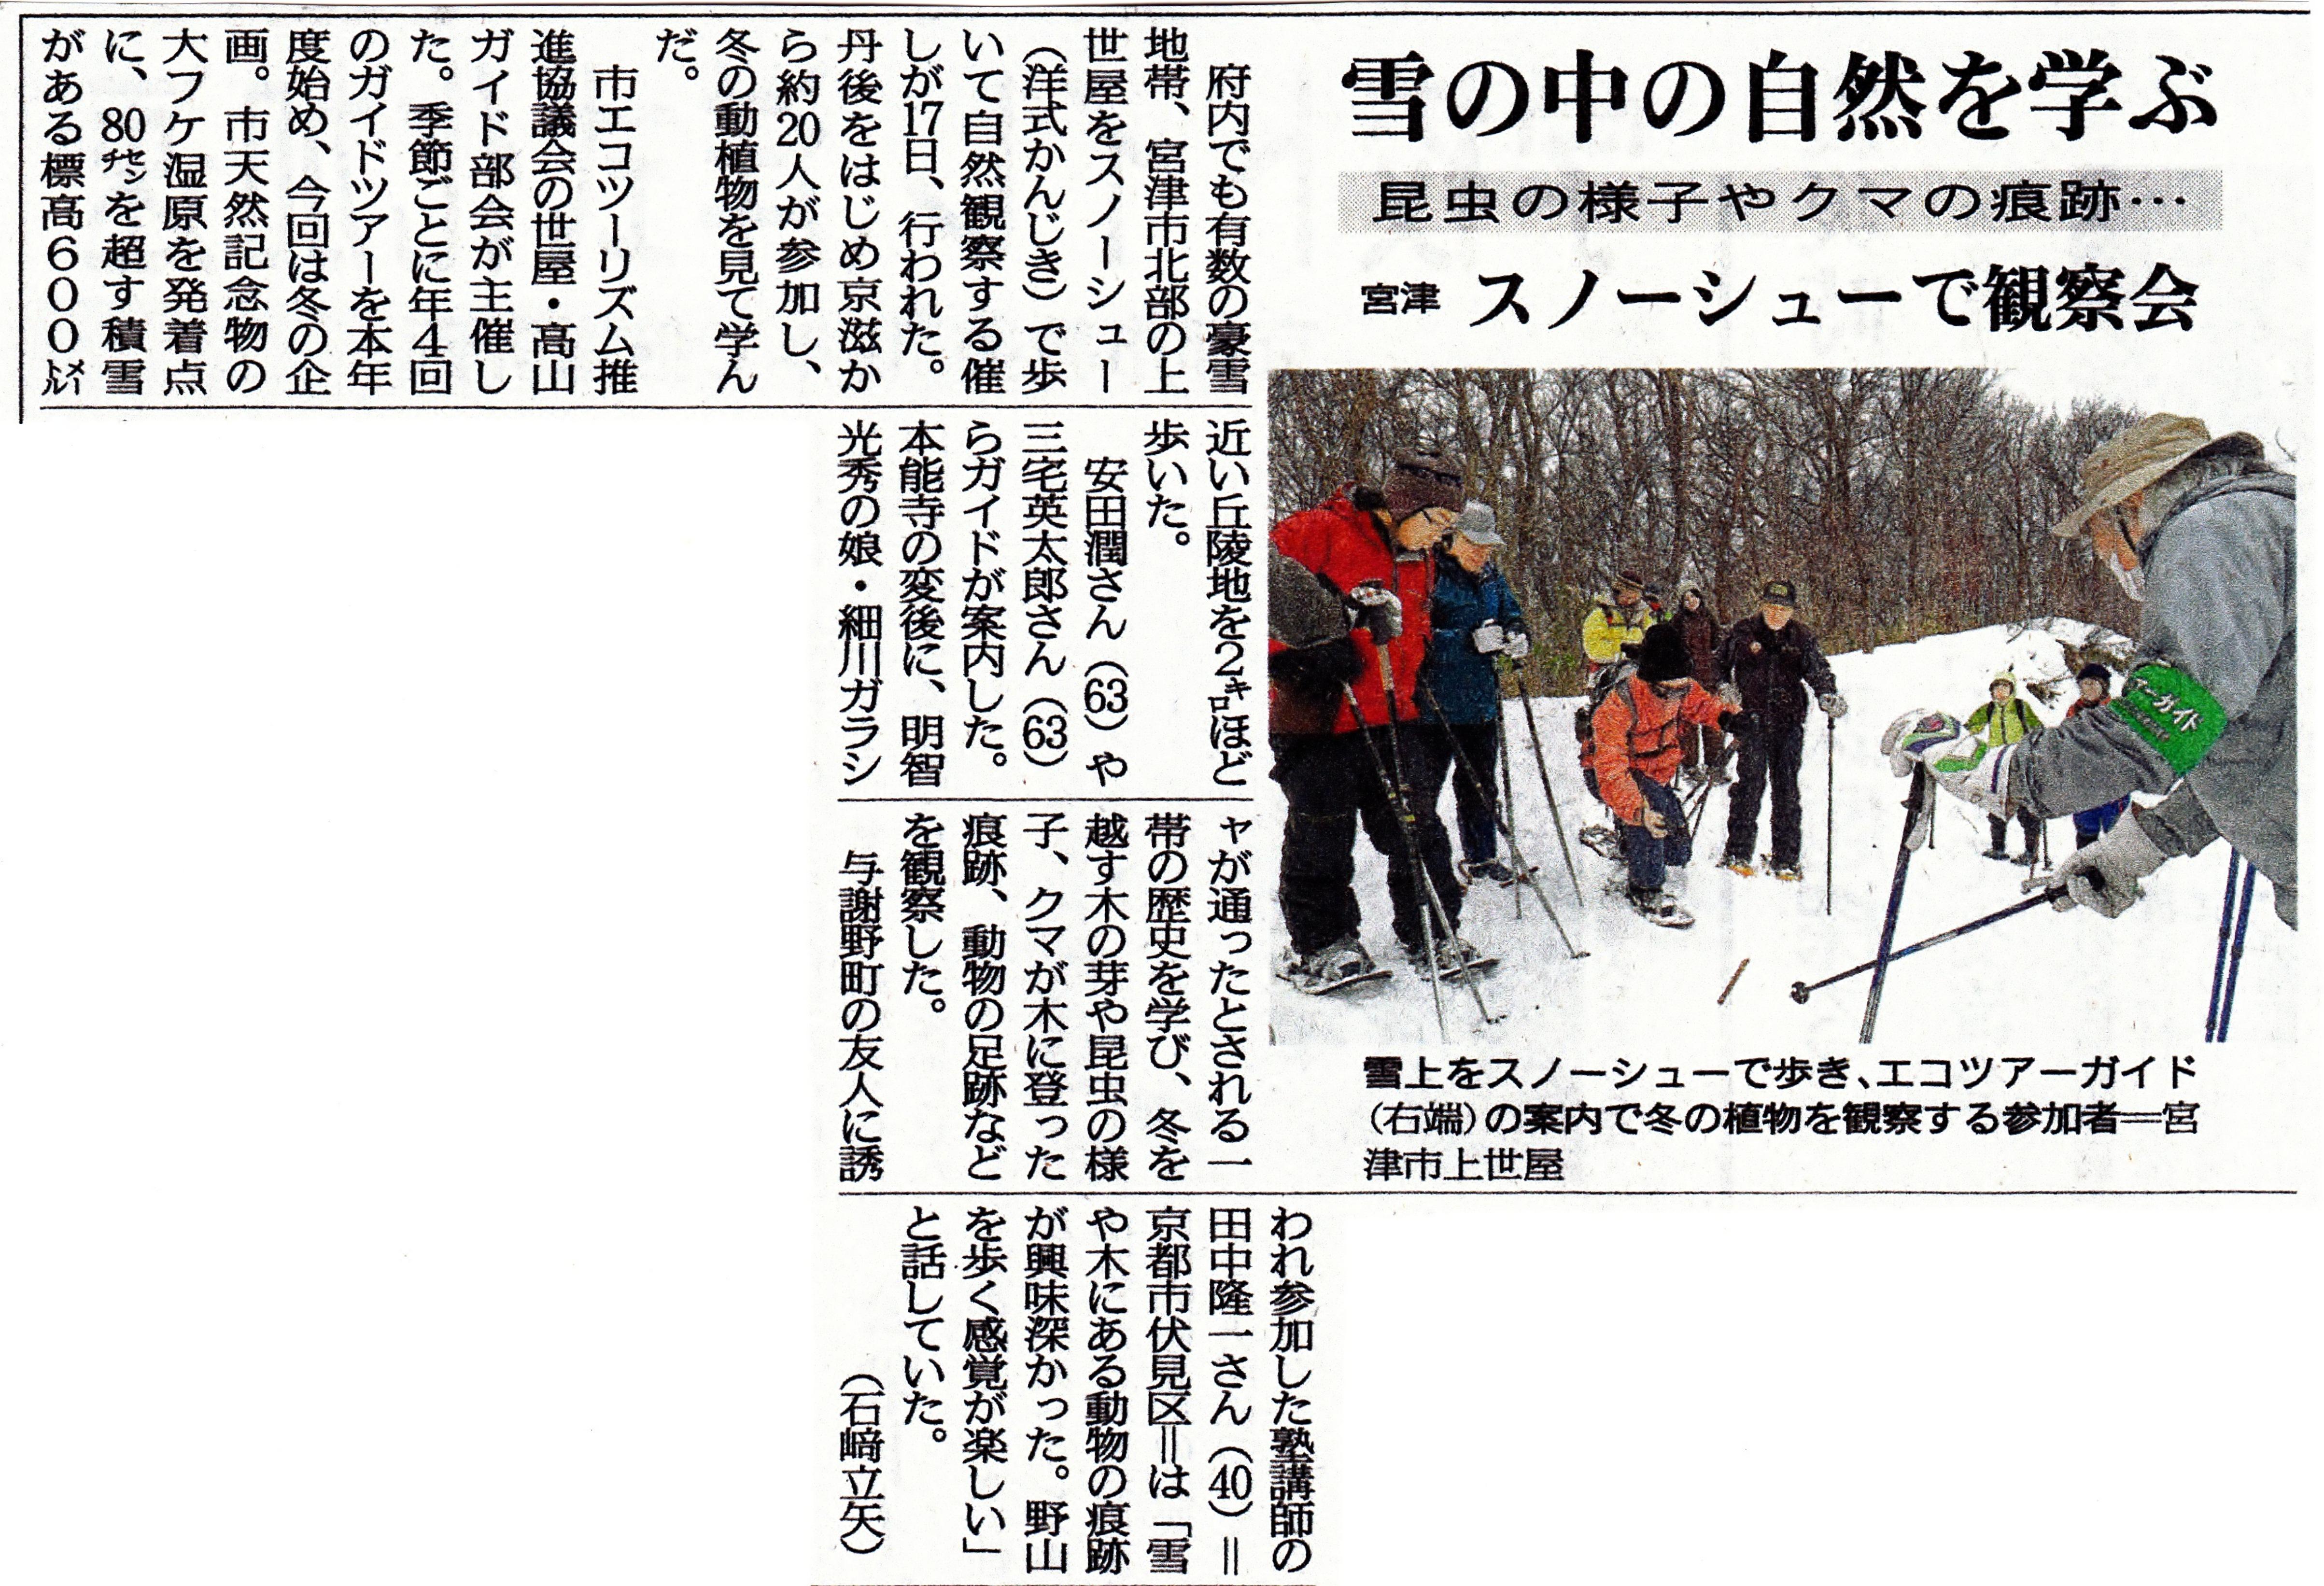 世屋高原でスノーシューウオーク京都新聞記事